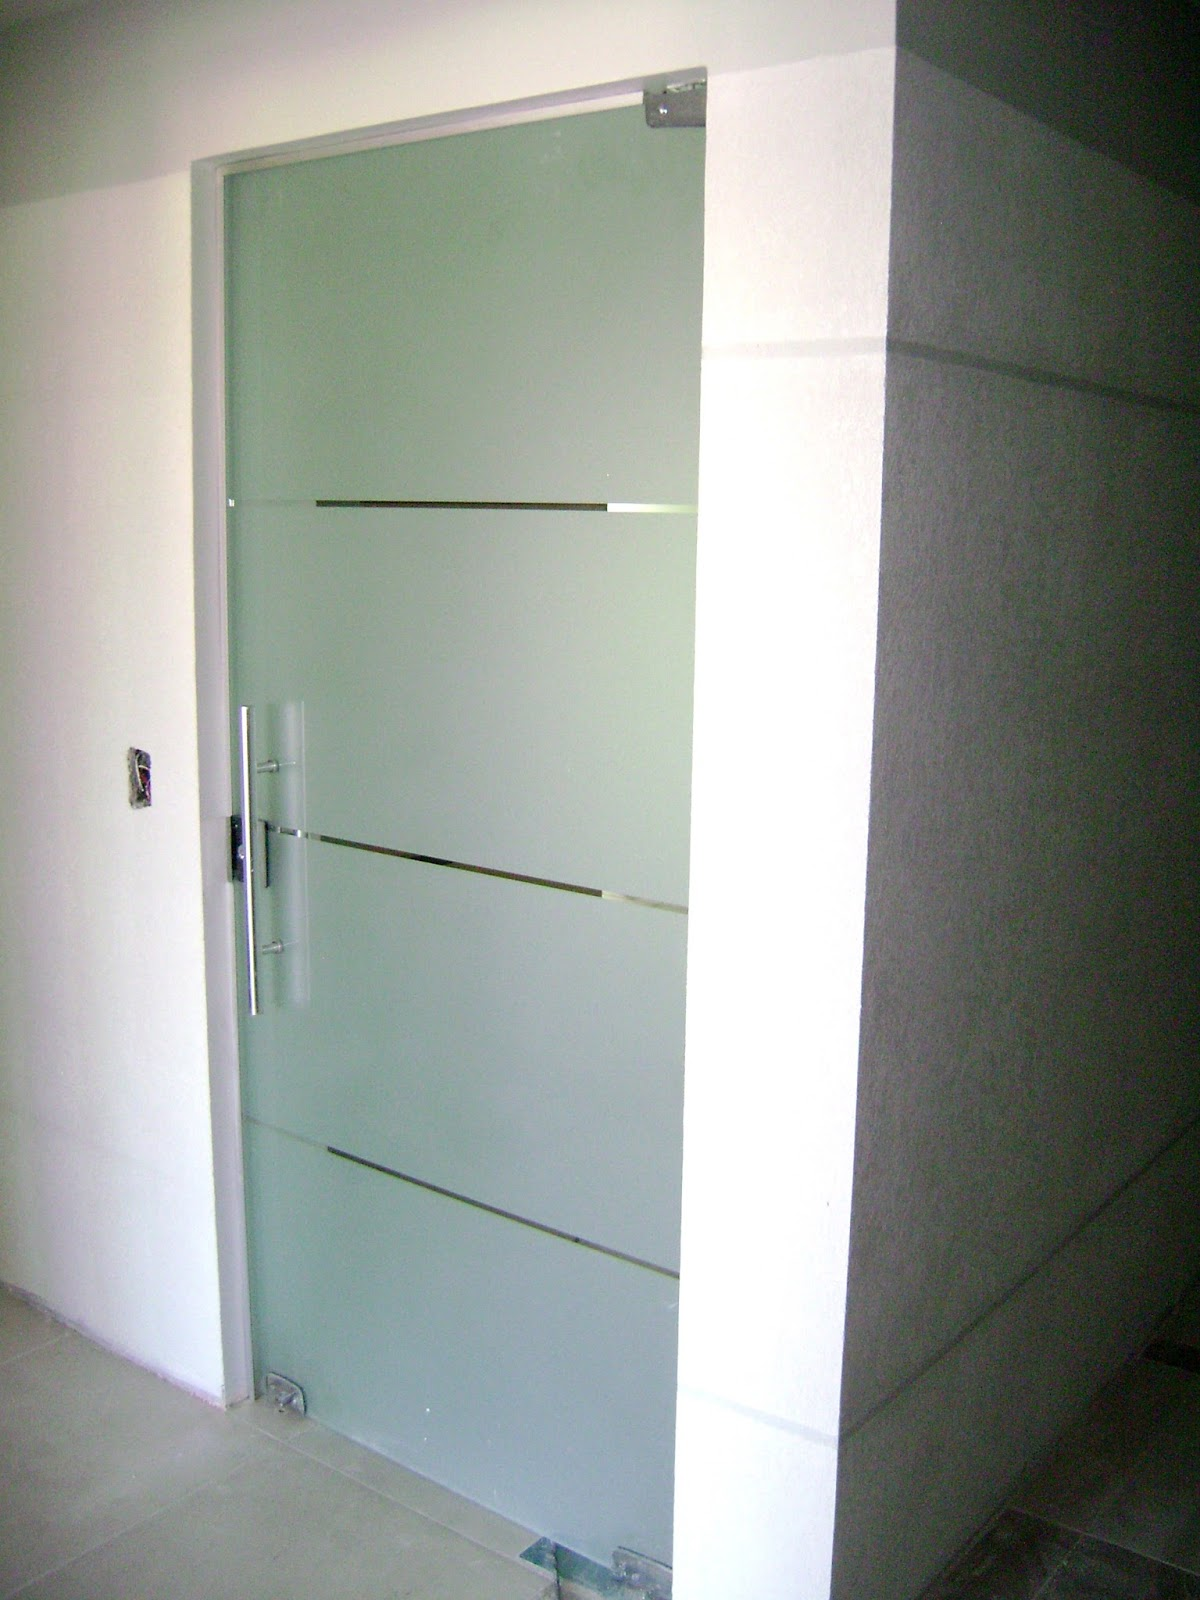 Imagens de #576874 Porta em vidro temperado Incolor 08 mm Jato fosco com listas e puxador  1200x1600 px 3484 Blindex Para Banheiro Rj